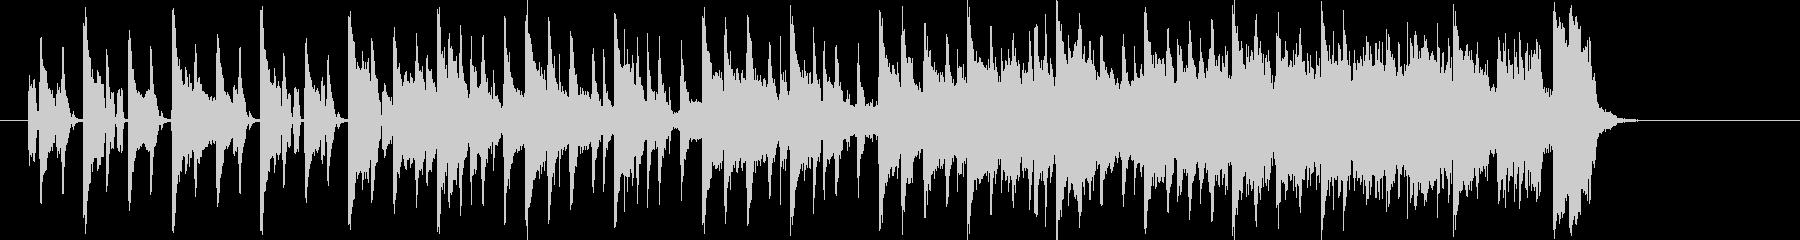 時間が迫っている時のジングル曲、BGMの未再生の波形